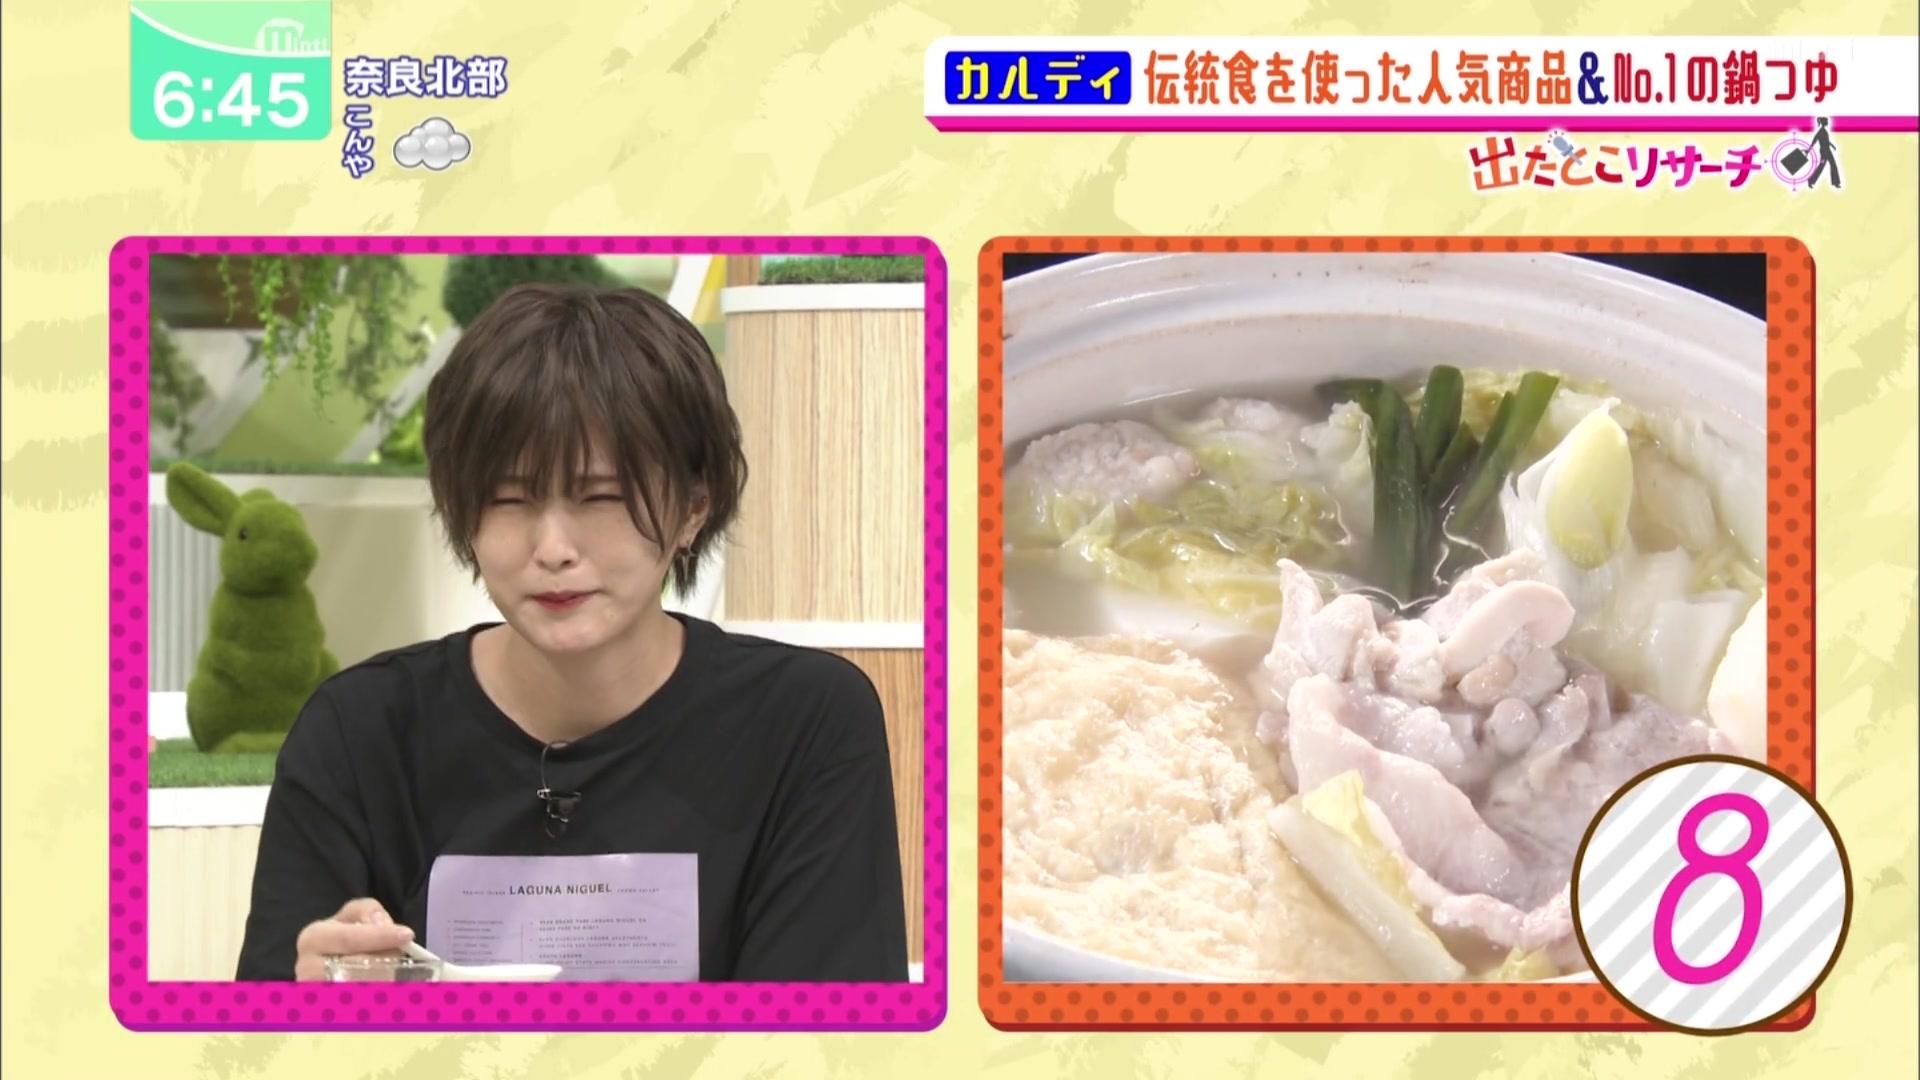 【山本彩】さや姉が出演した10月1日に放送されたMBS「ミント!」の画像。